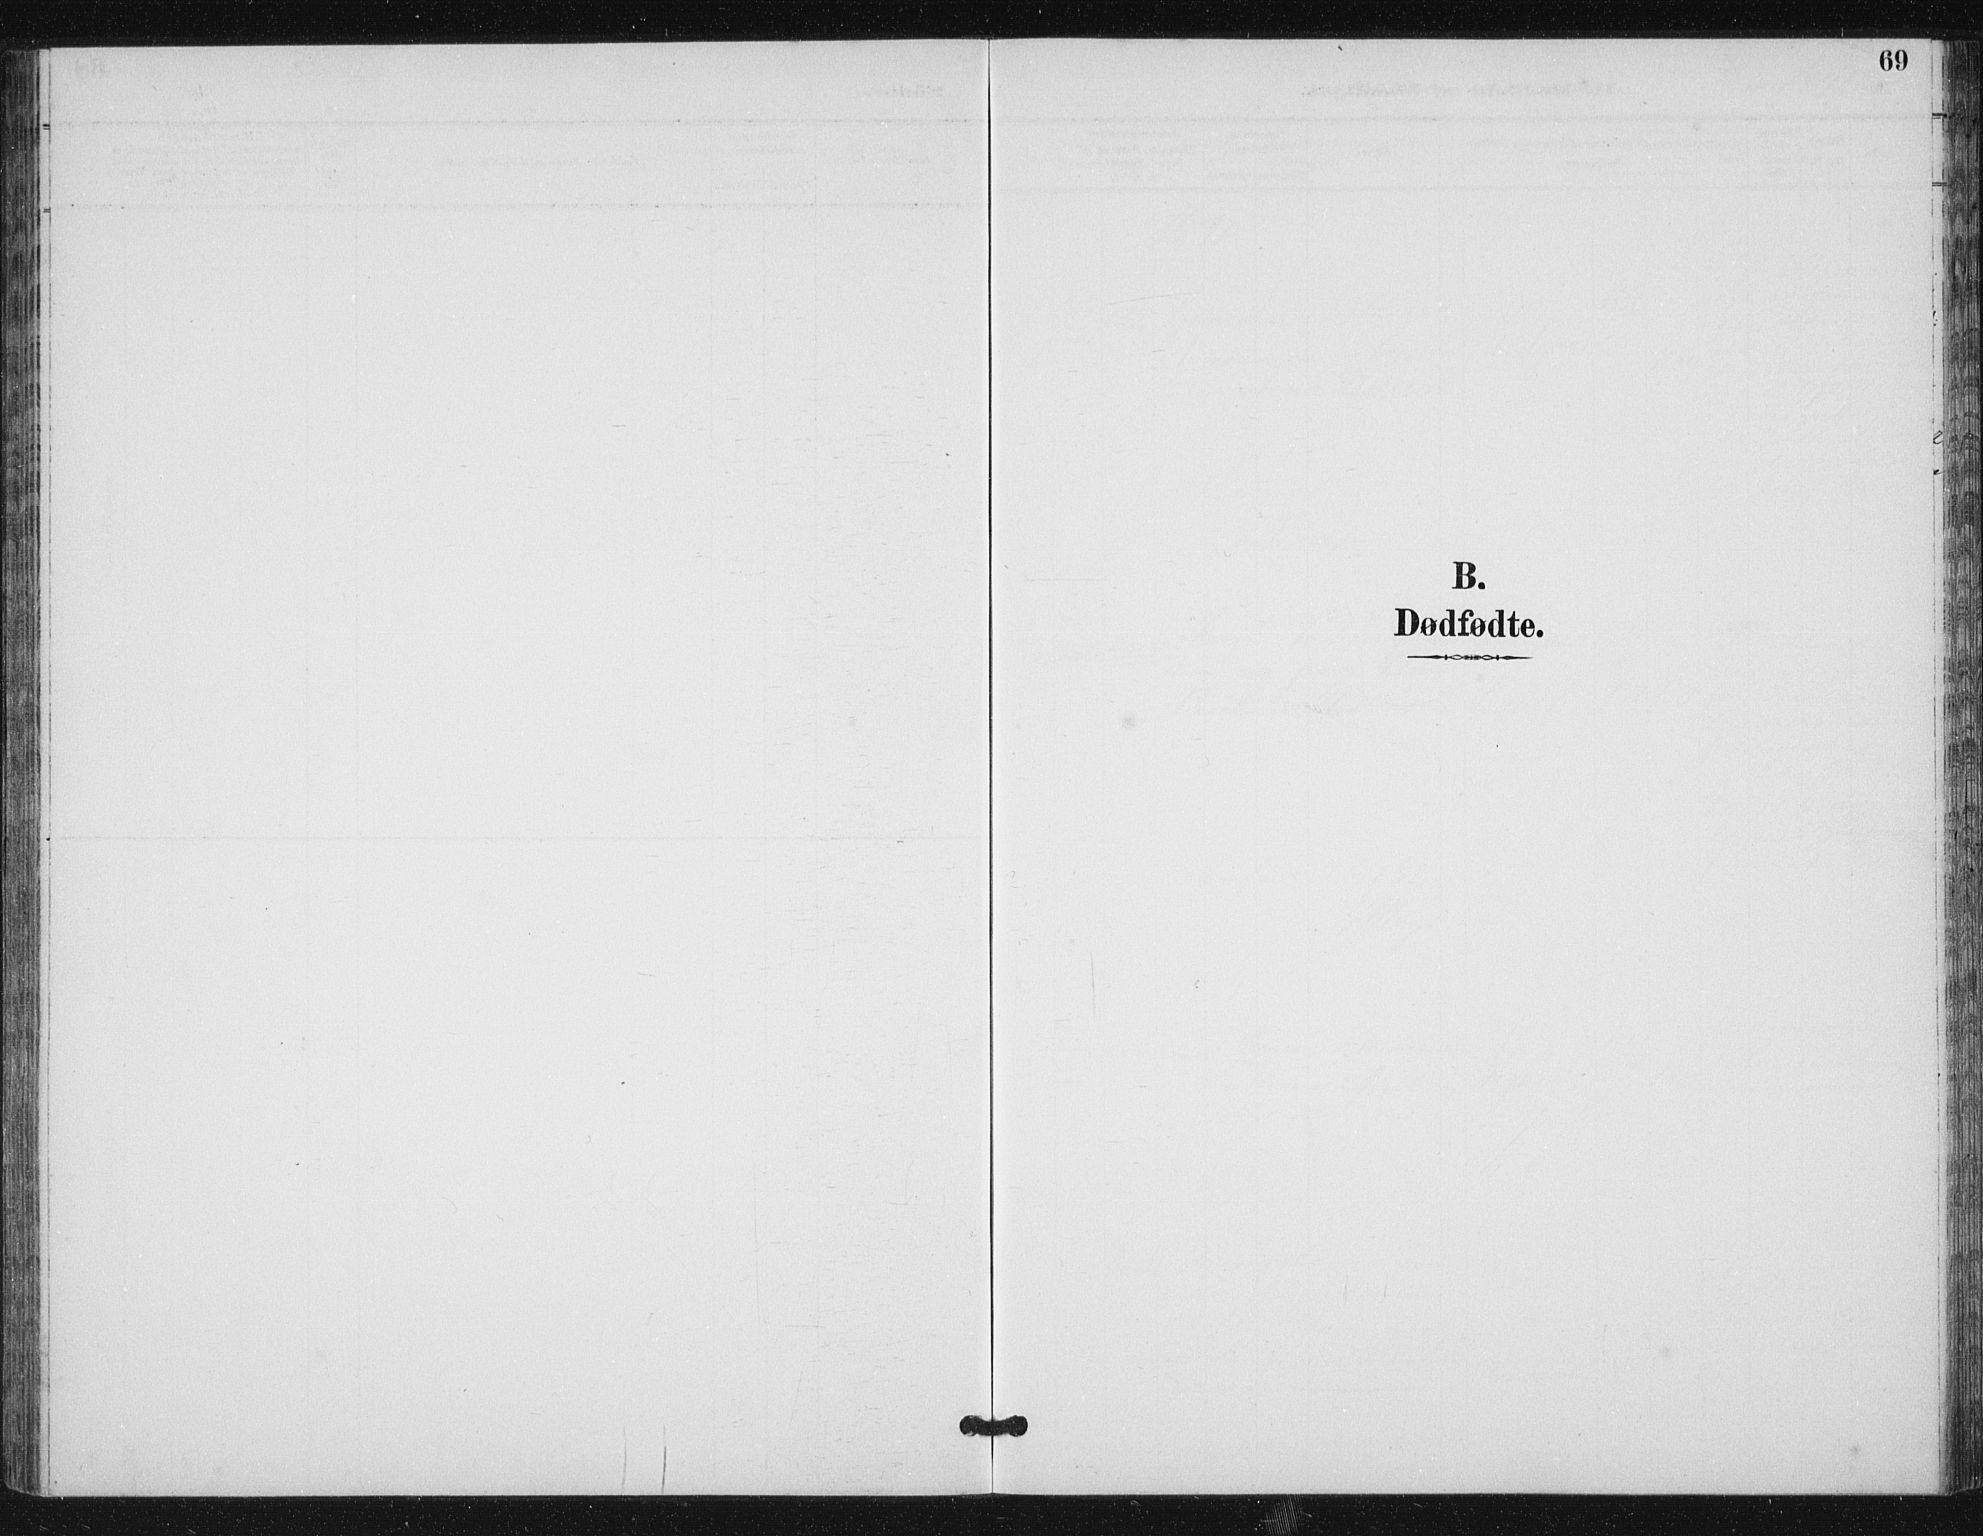 SAT, Ministerialprotokoller, klokkerbøker og fødselsregistre - Sør-Trøndelag, 656/L0698: Klokkerbok nr. 656C04, 1890-1904, s. 69